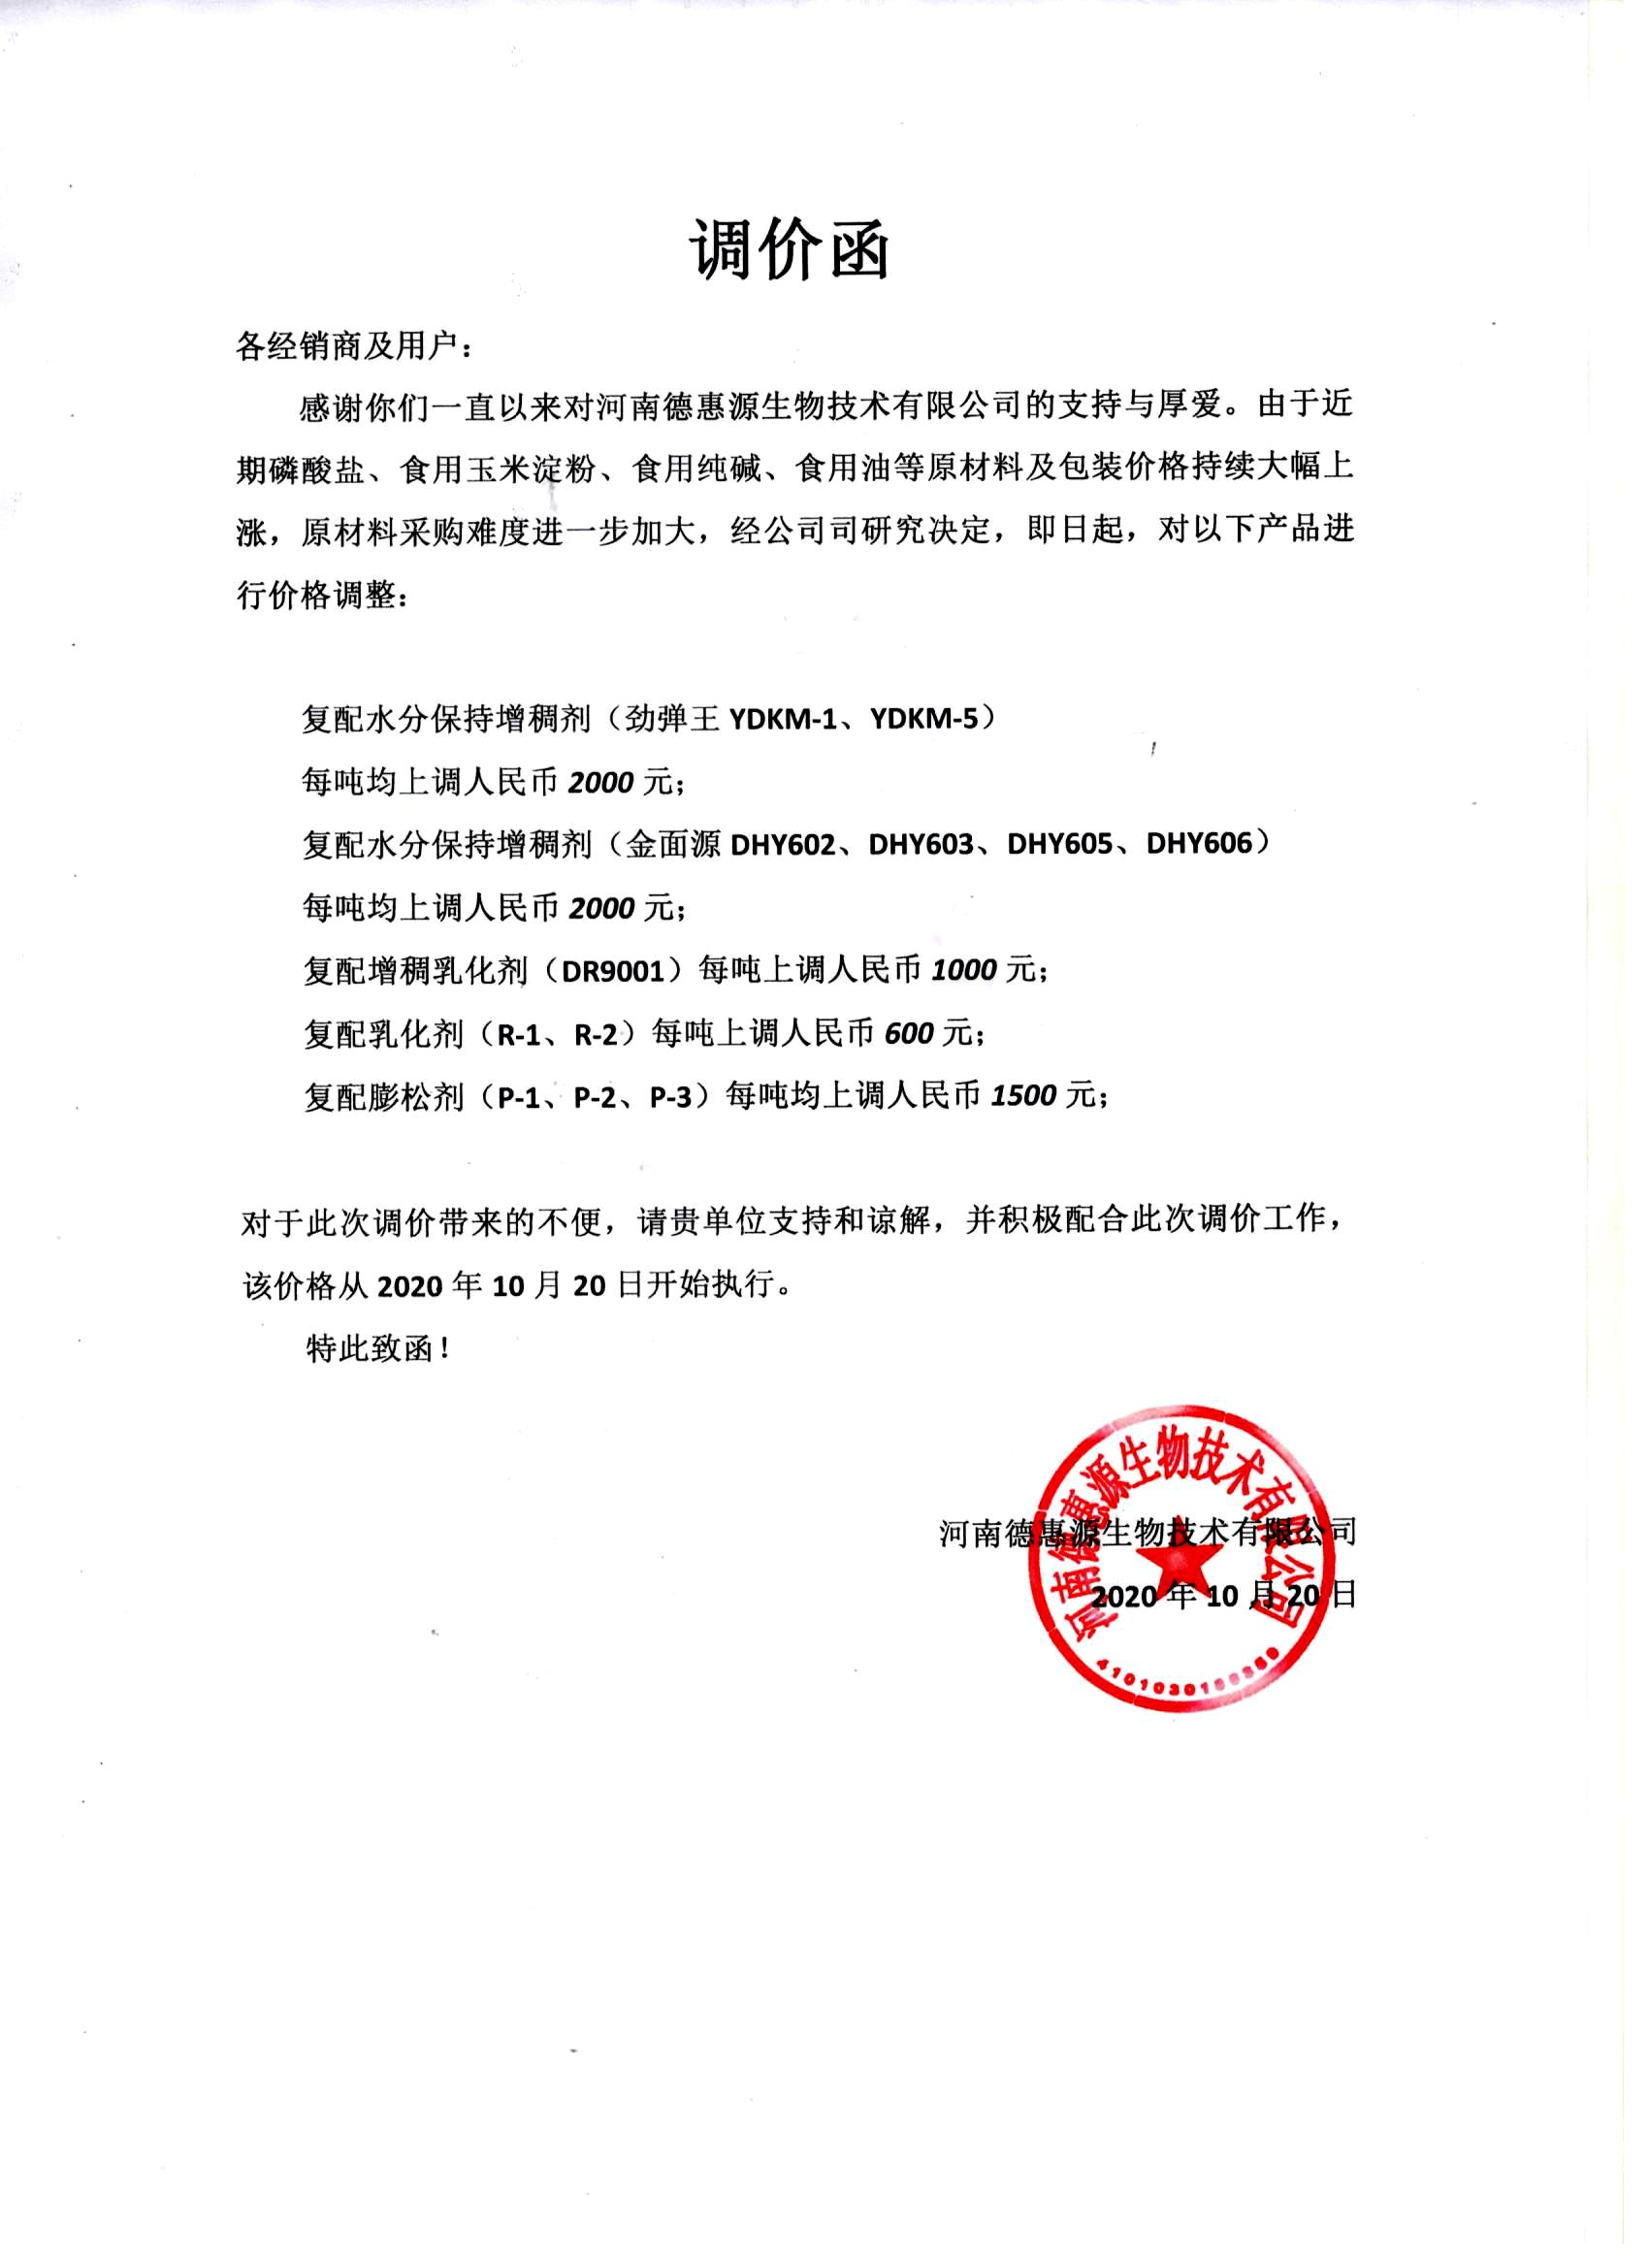 河南德惠源生物技术有限公司调价函